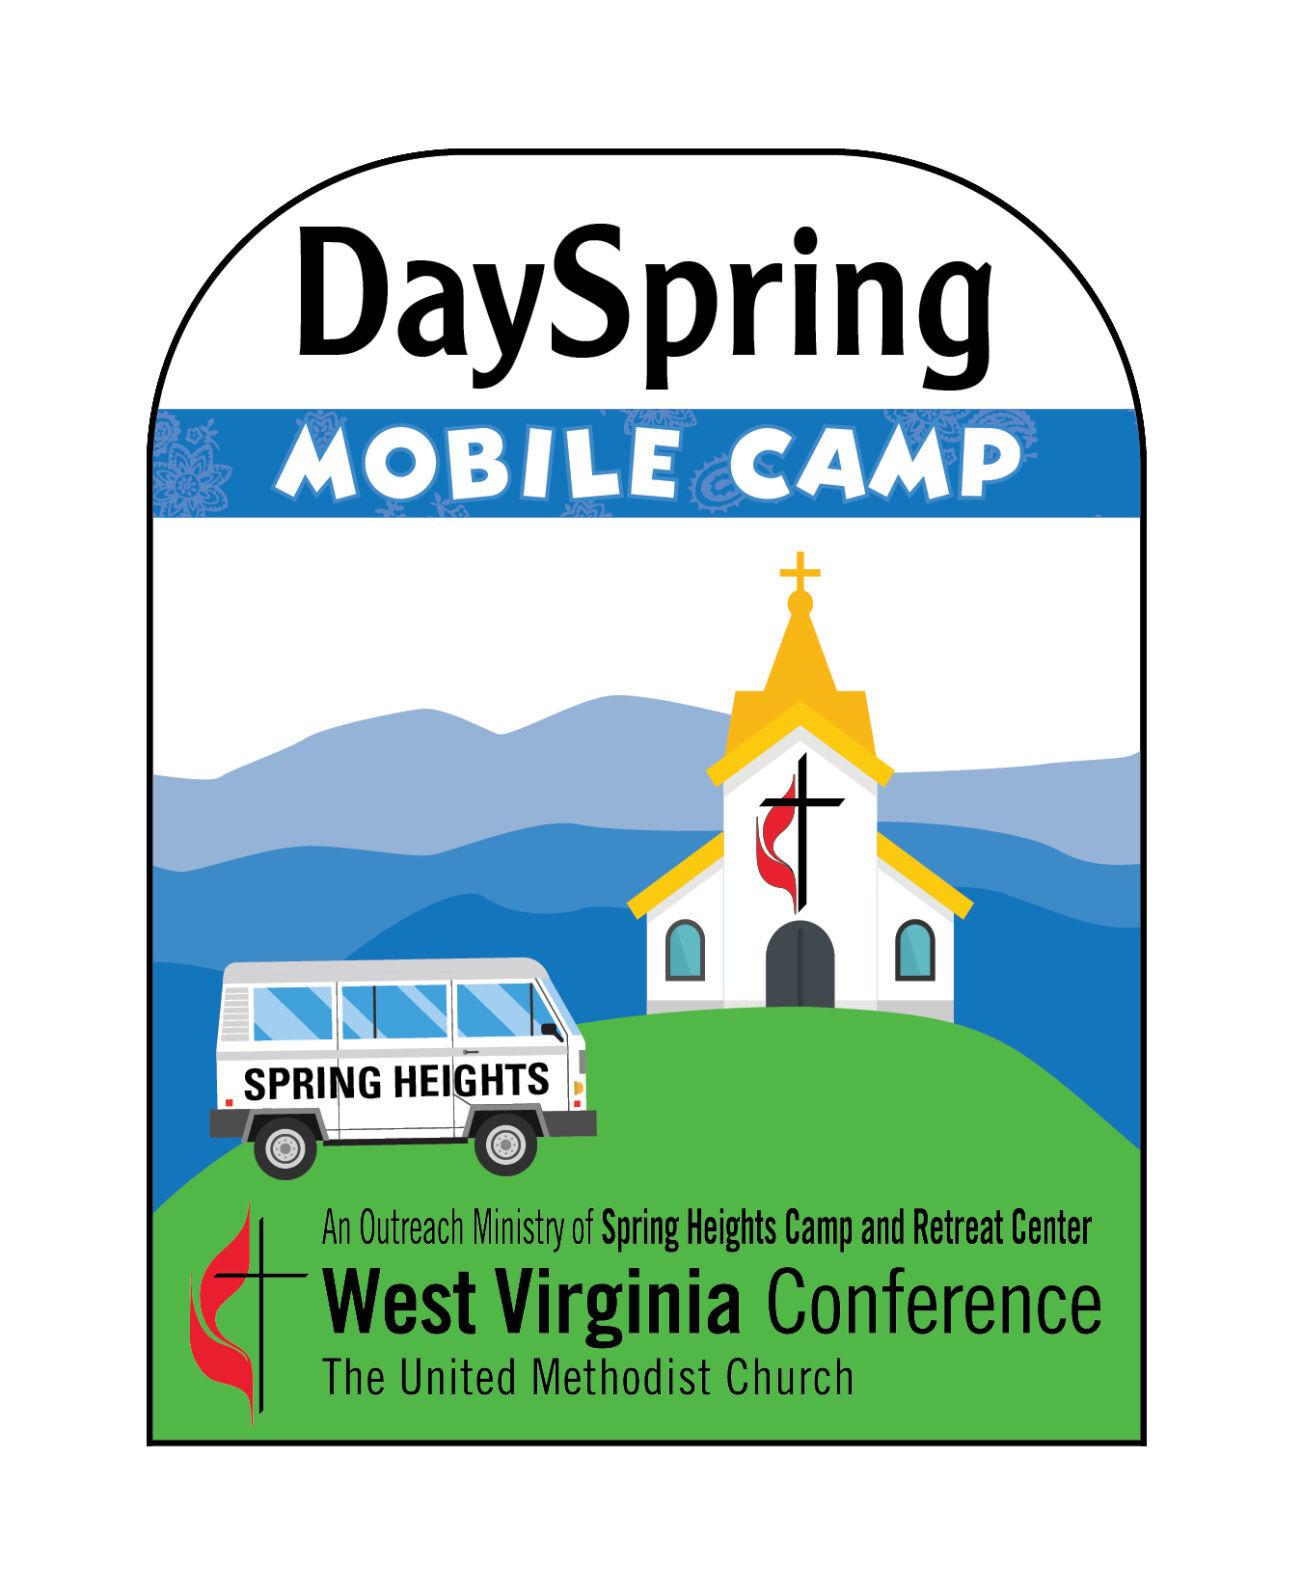 DaySpring Mobile Camp logo